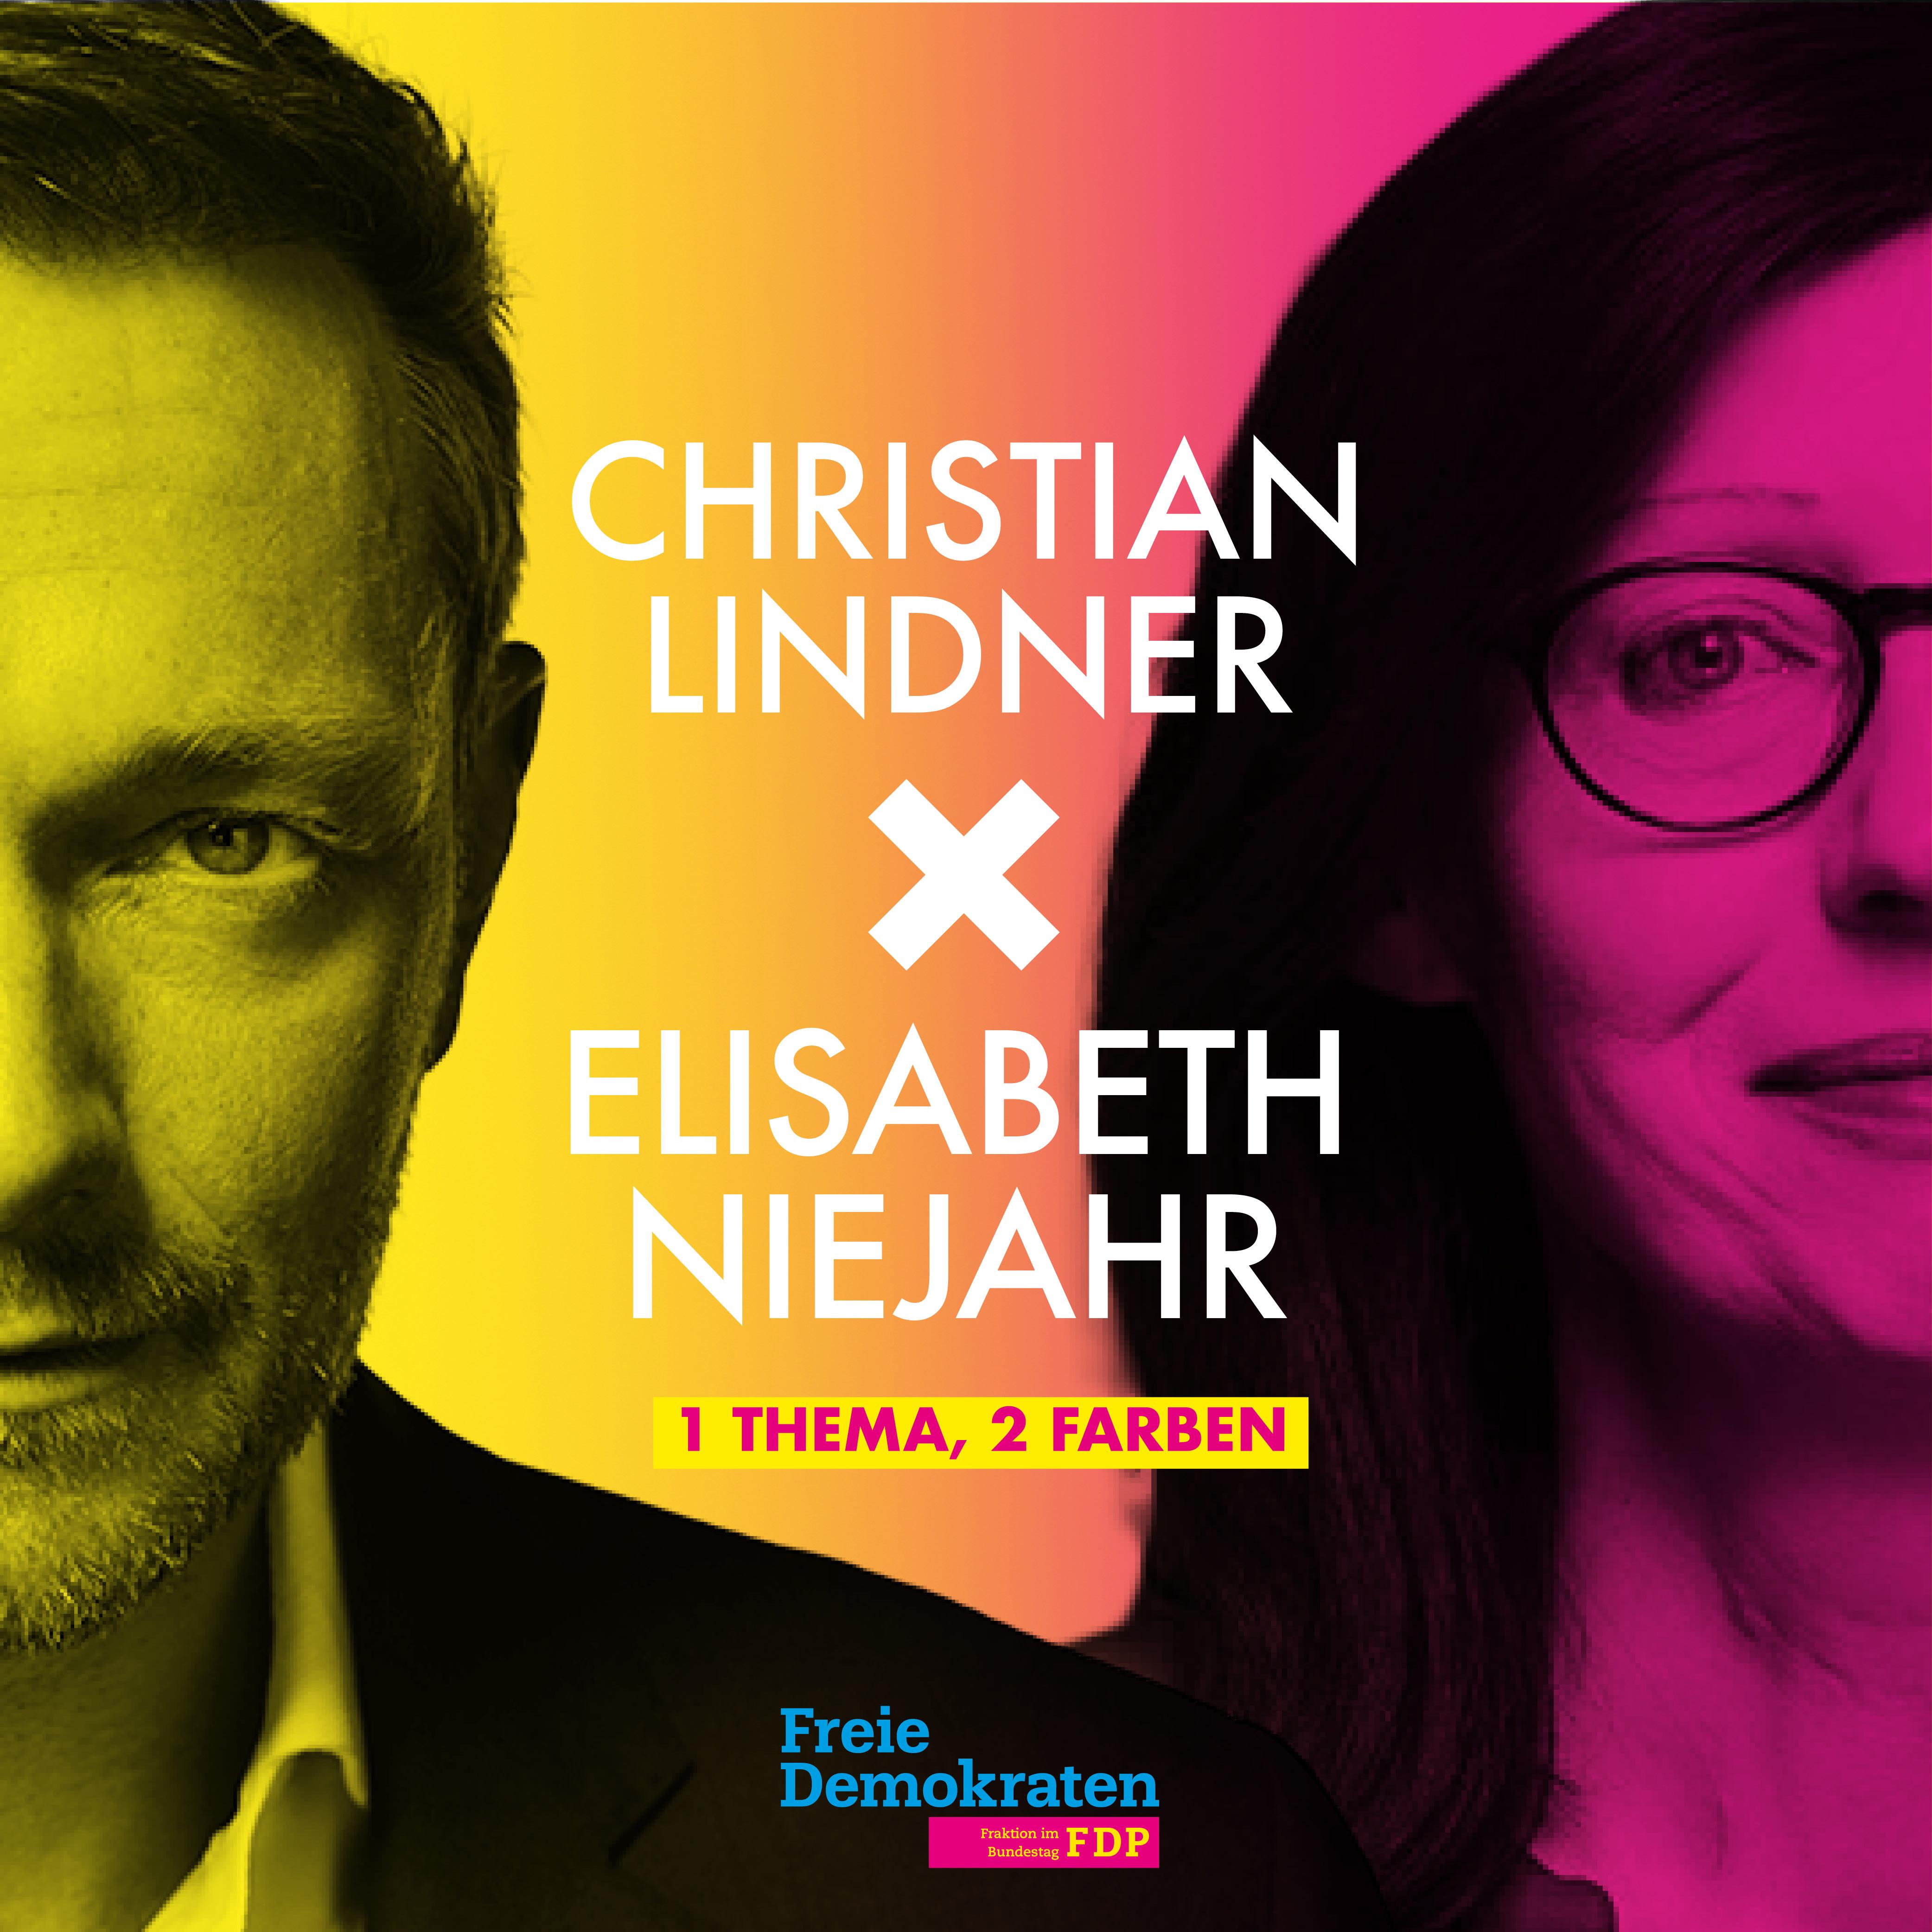 Wie ist das Verhältnis von Politik und Medien, Elisabeth Niejahr?